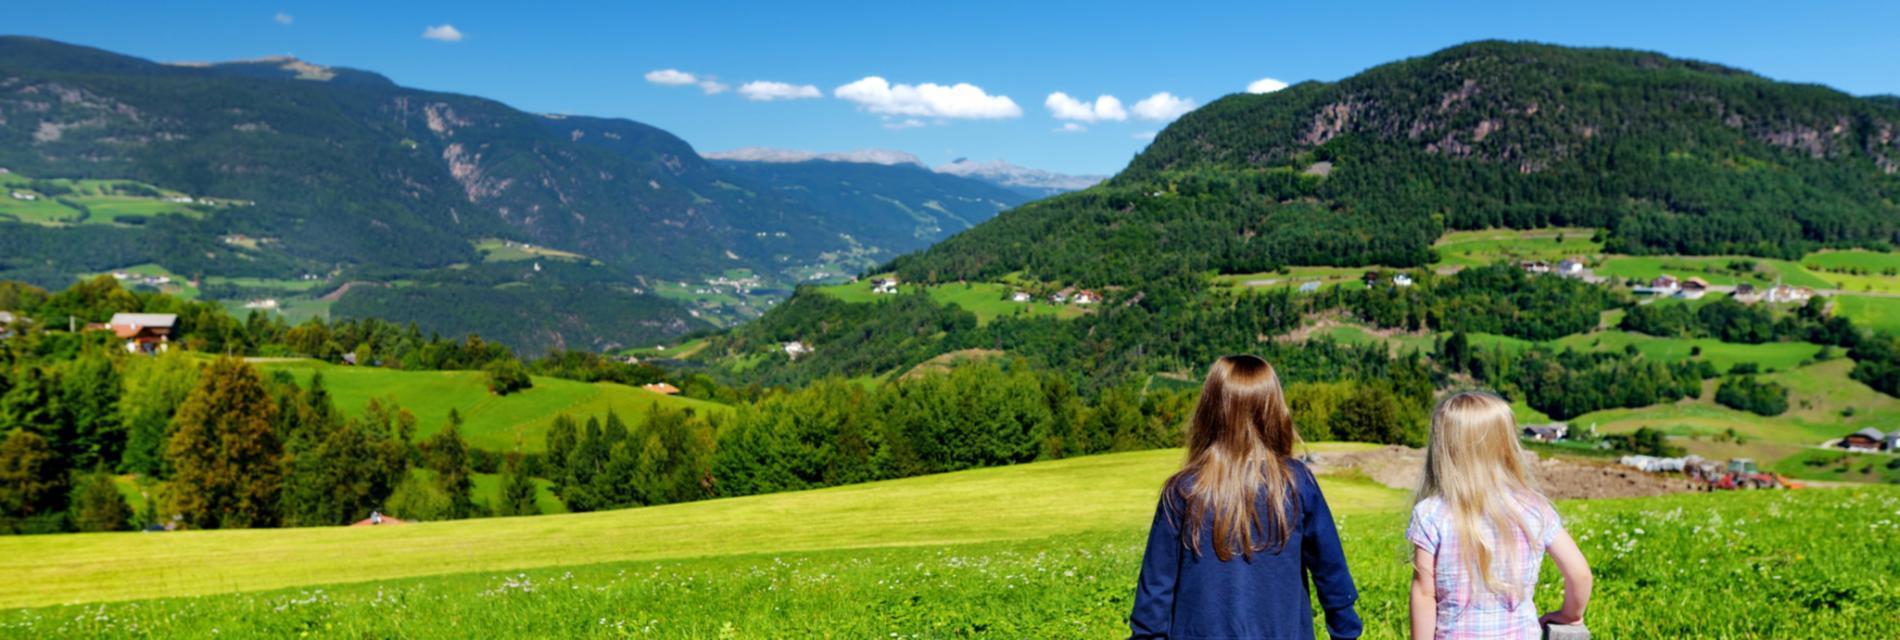 Slide Résidence Les Chalets du Belvédère - paysage